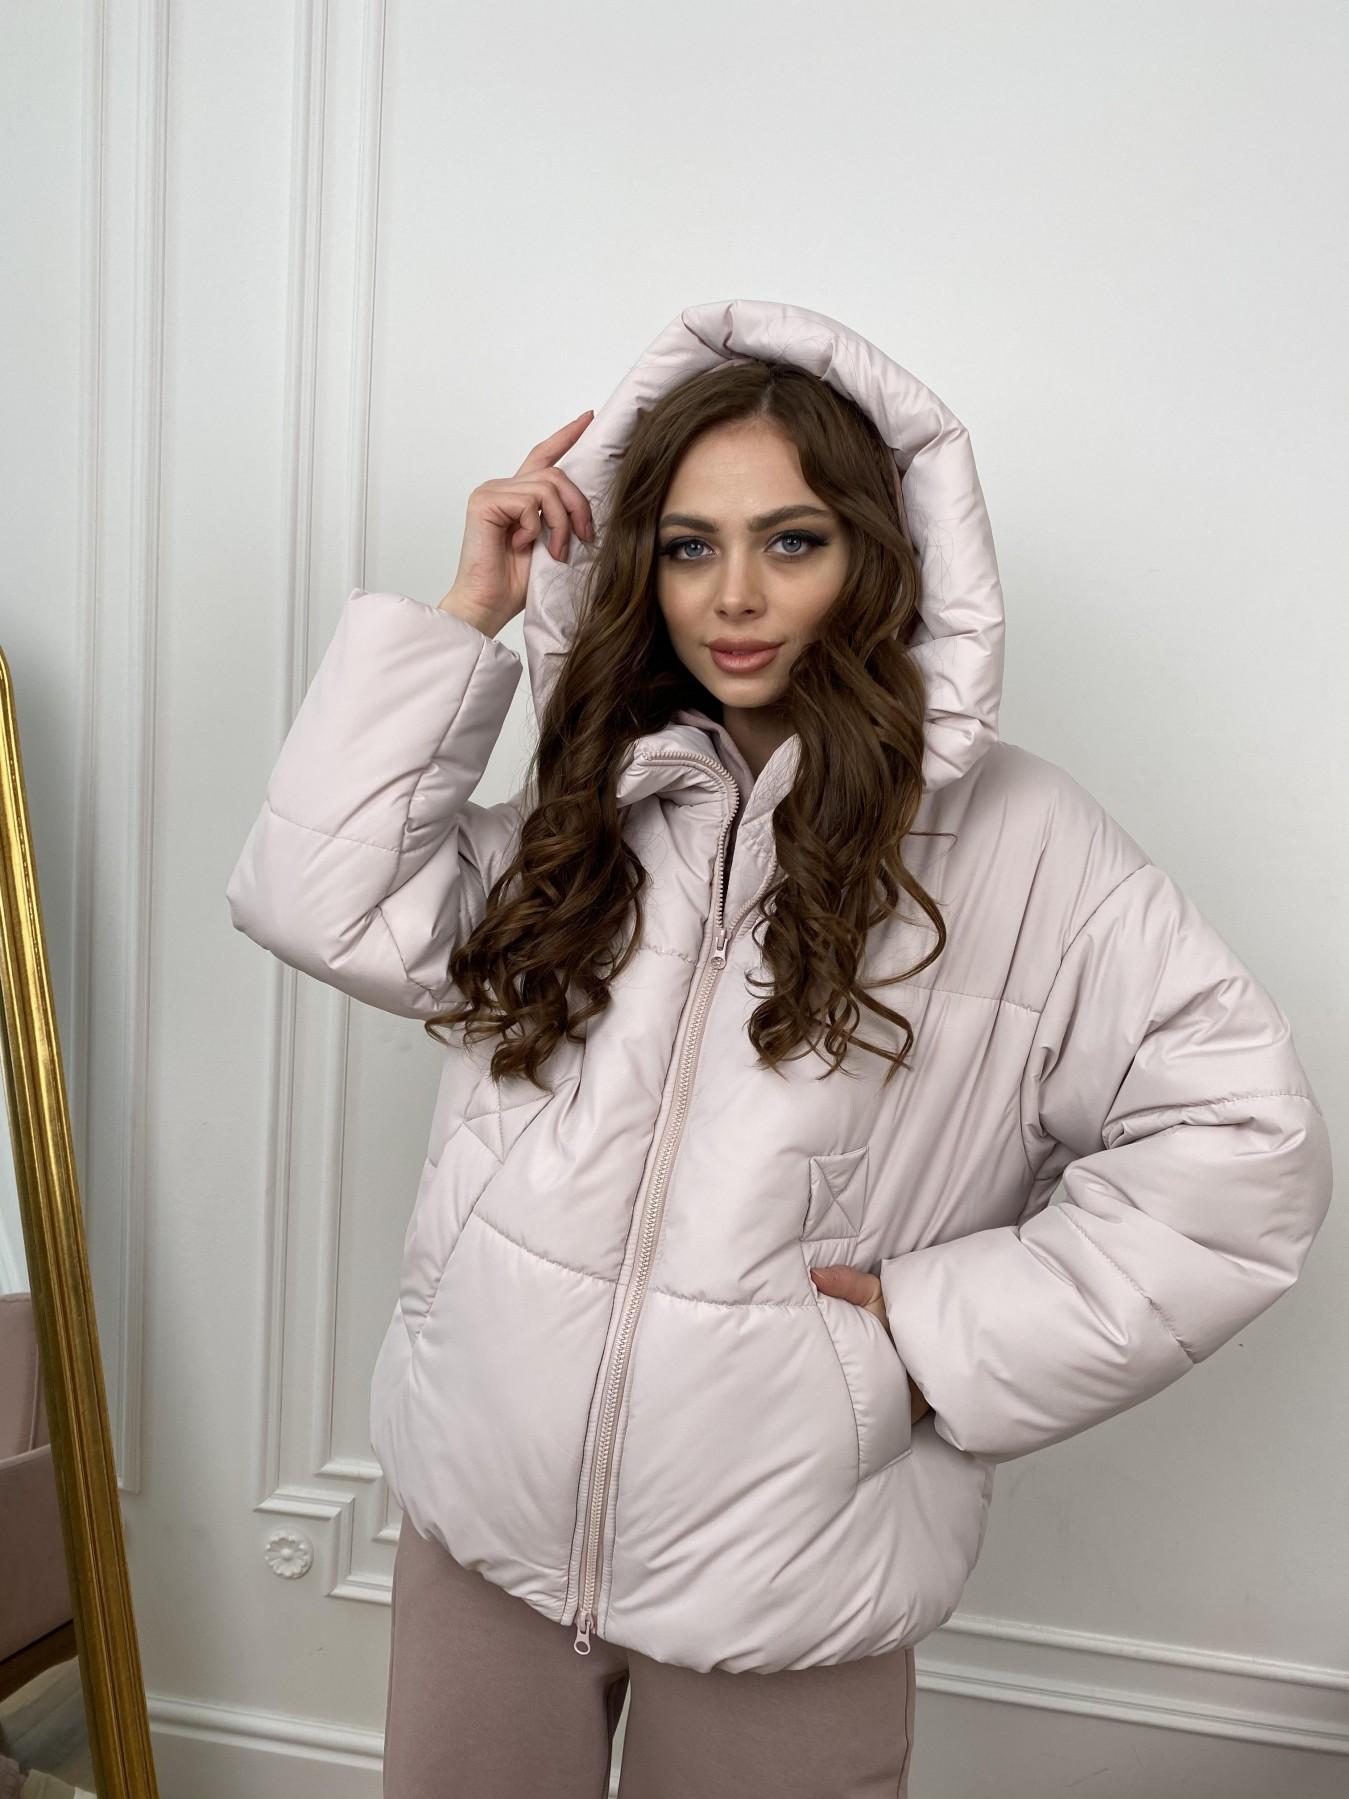 Нокс куртка из плащевой ткани 10535 АРТ. 46973 Цвет: Молоко 970 - фото 10, интернет магазин tm-modus.ru